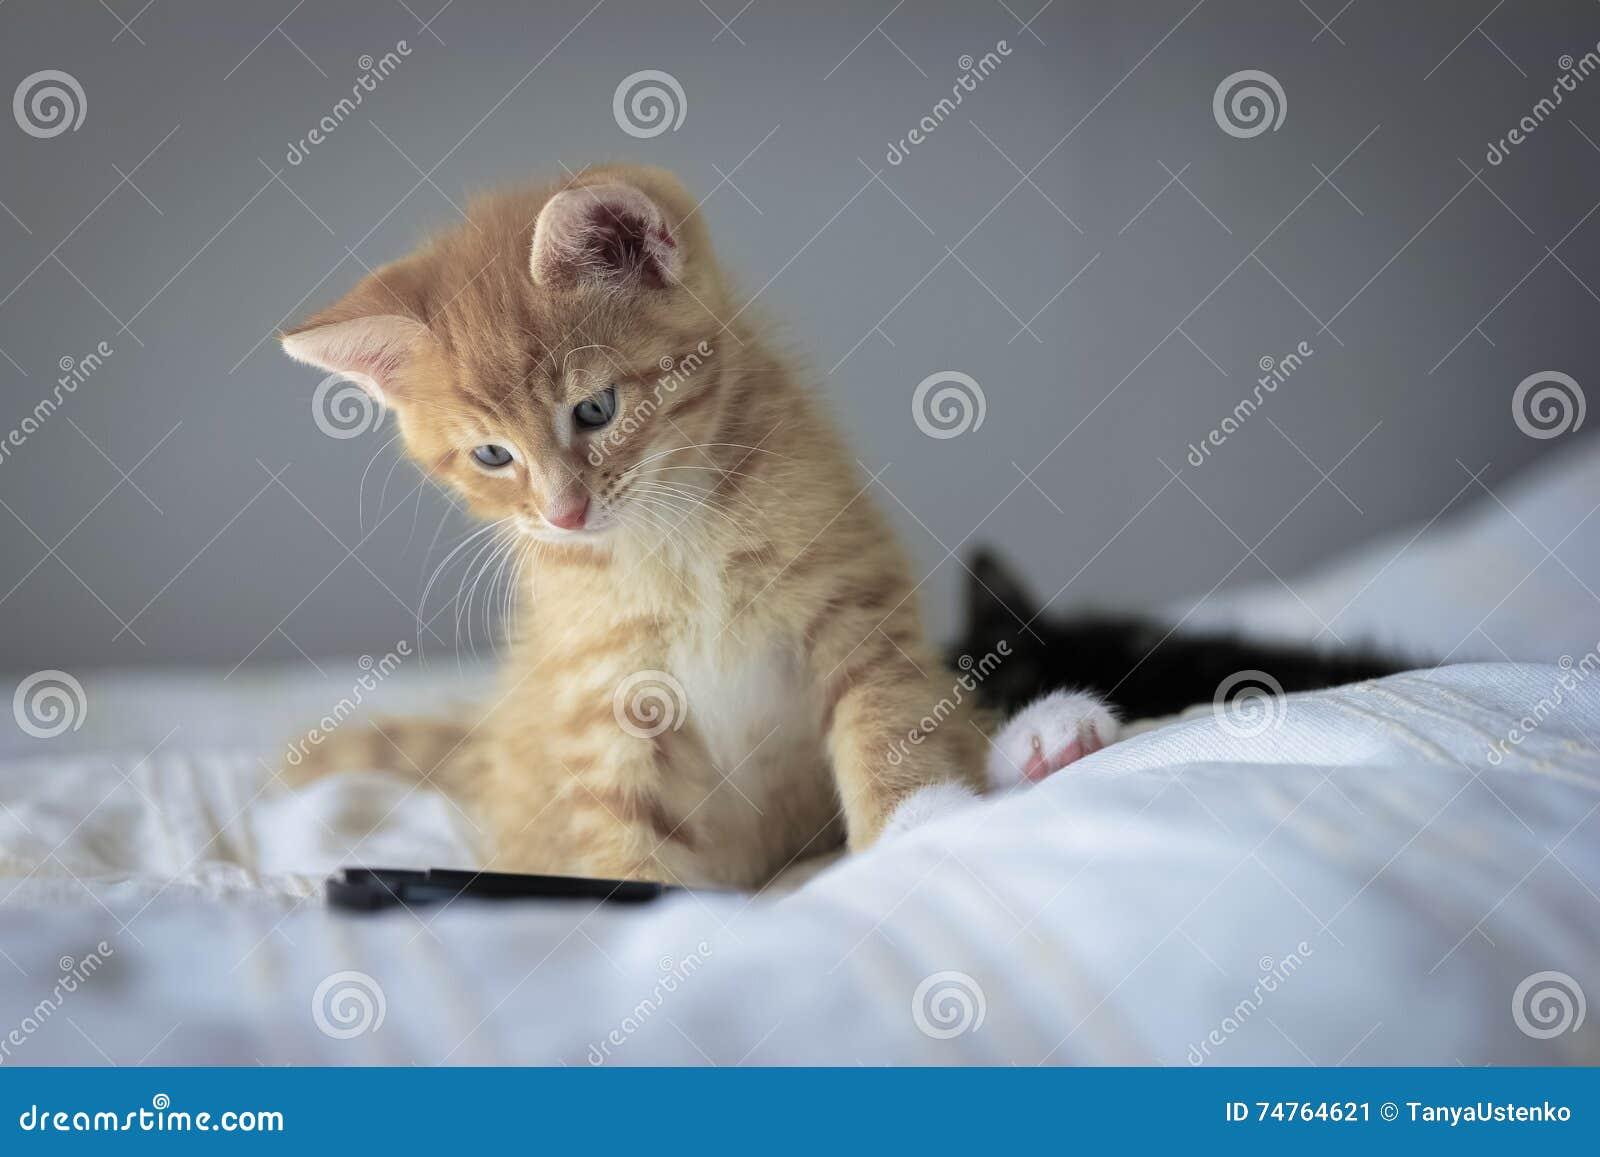 Leuk oranje katje met grote poten die met een stuk speelgoed spelen